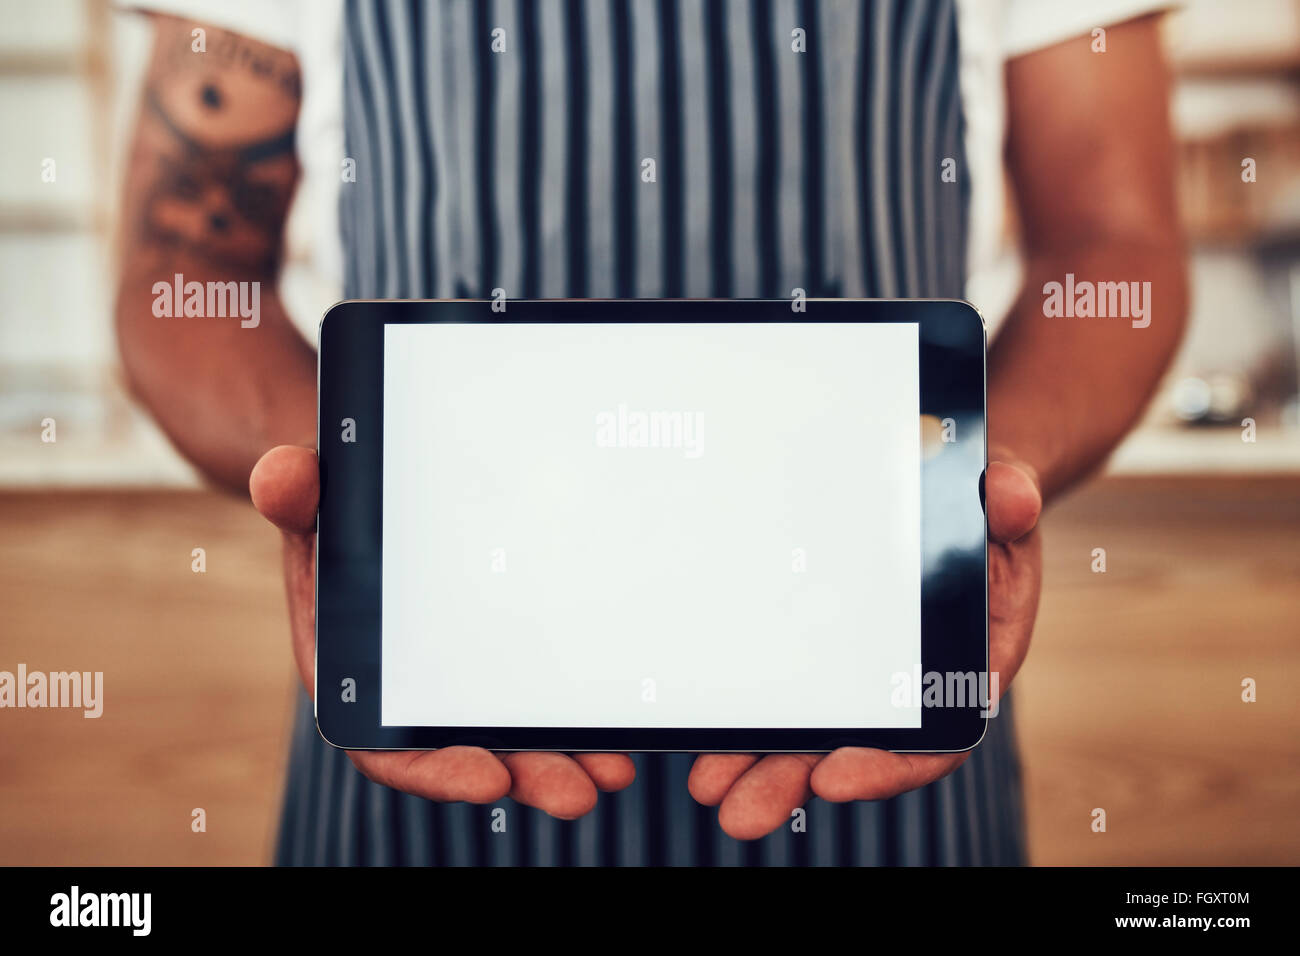 Close Up retrato de un hombre vestido con un delantal sosteniendo una tableta digital con una pantalla en blanco. Imagen De Stock